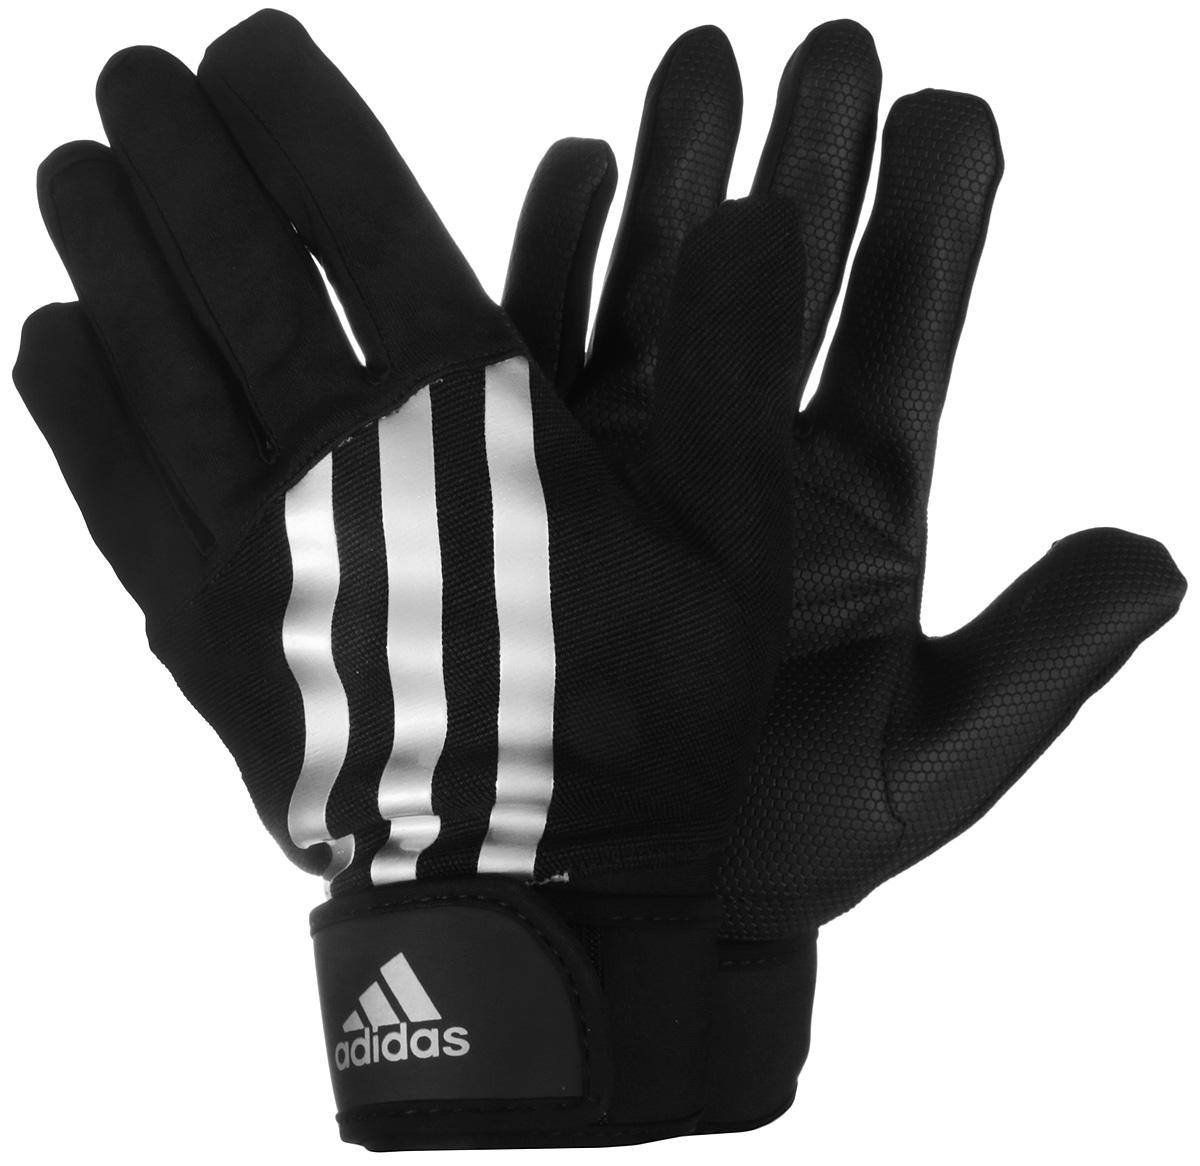 Перчатки тренировочные Adidas, утепленные, цвет: черный, размер L